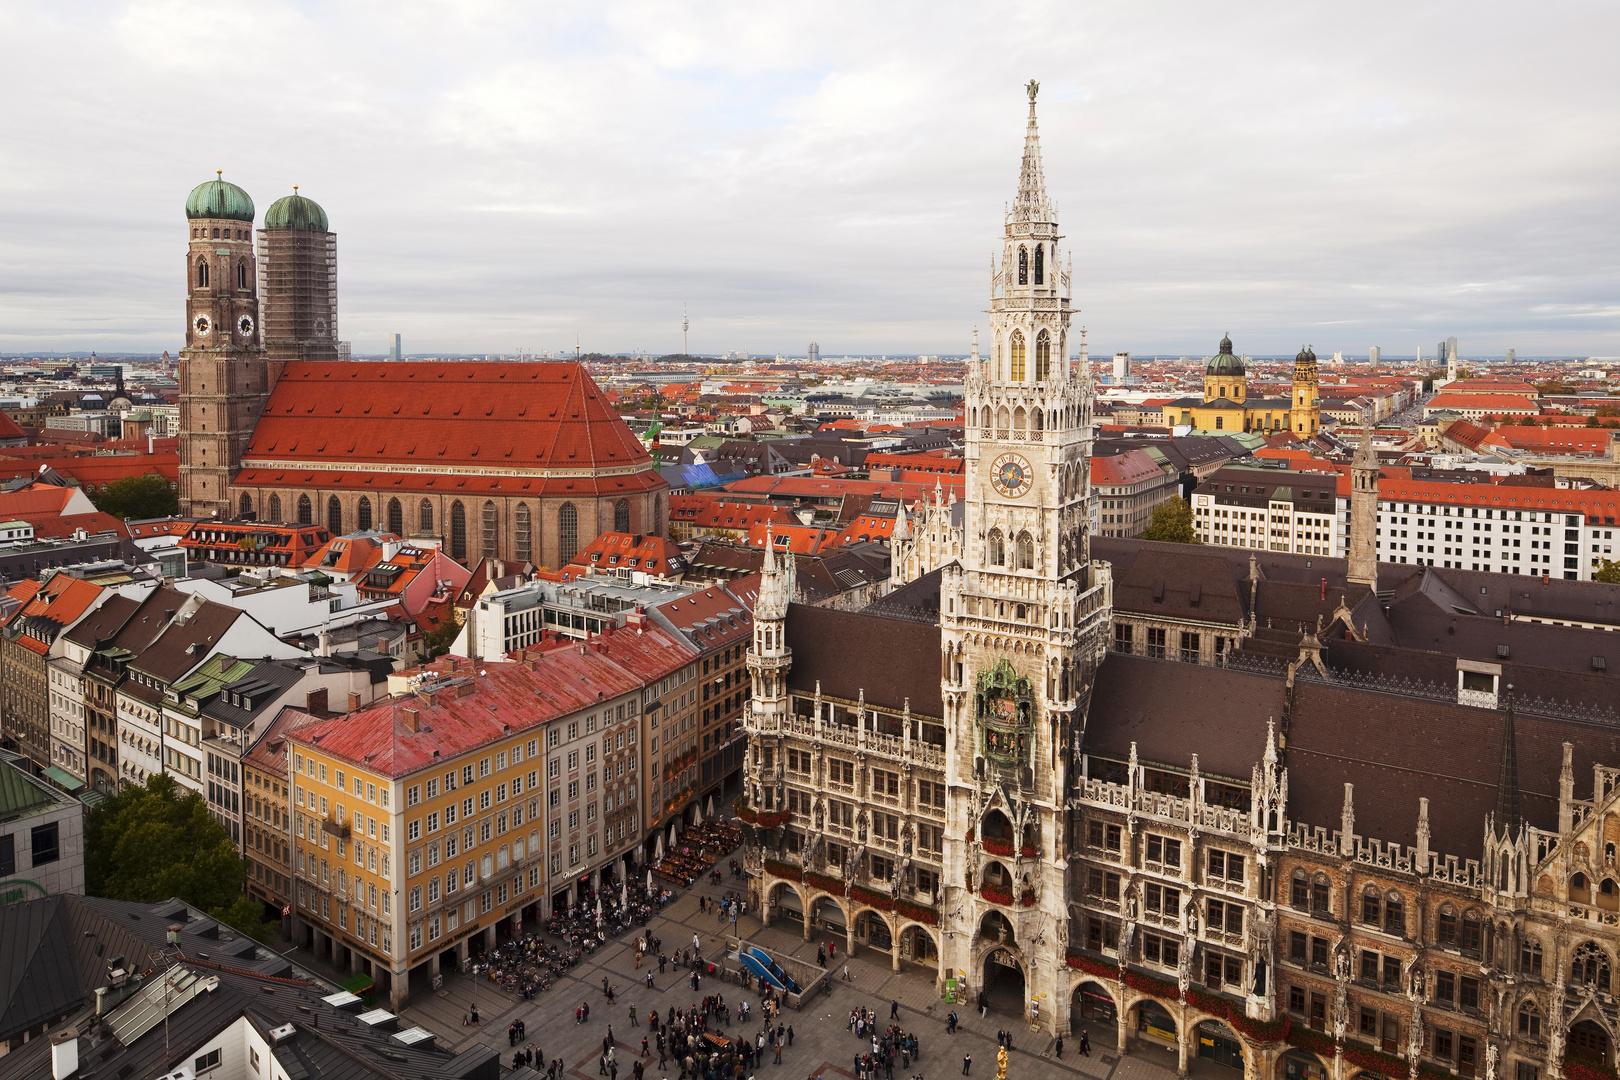 Marienplatz mit Blick auf die Frauenkirche